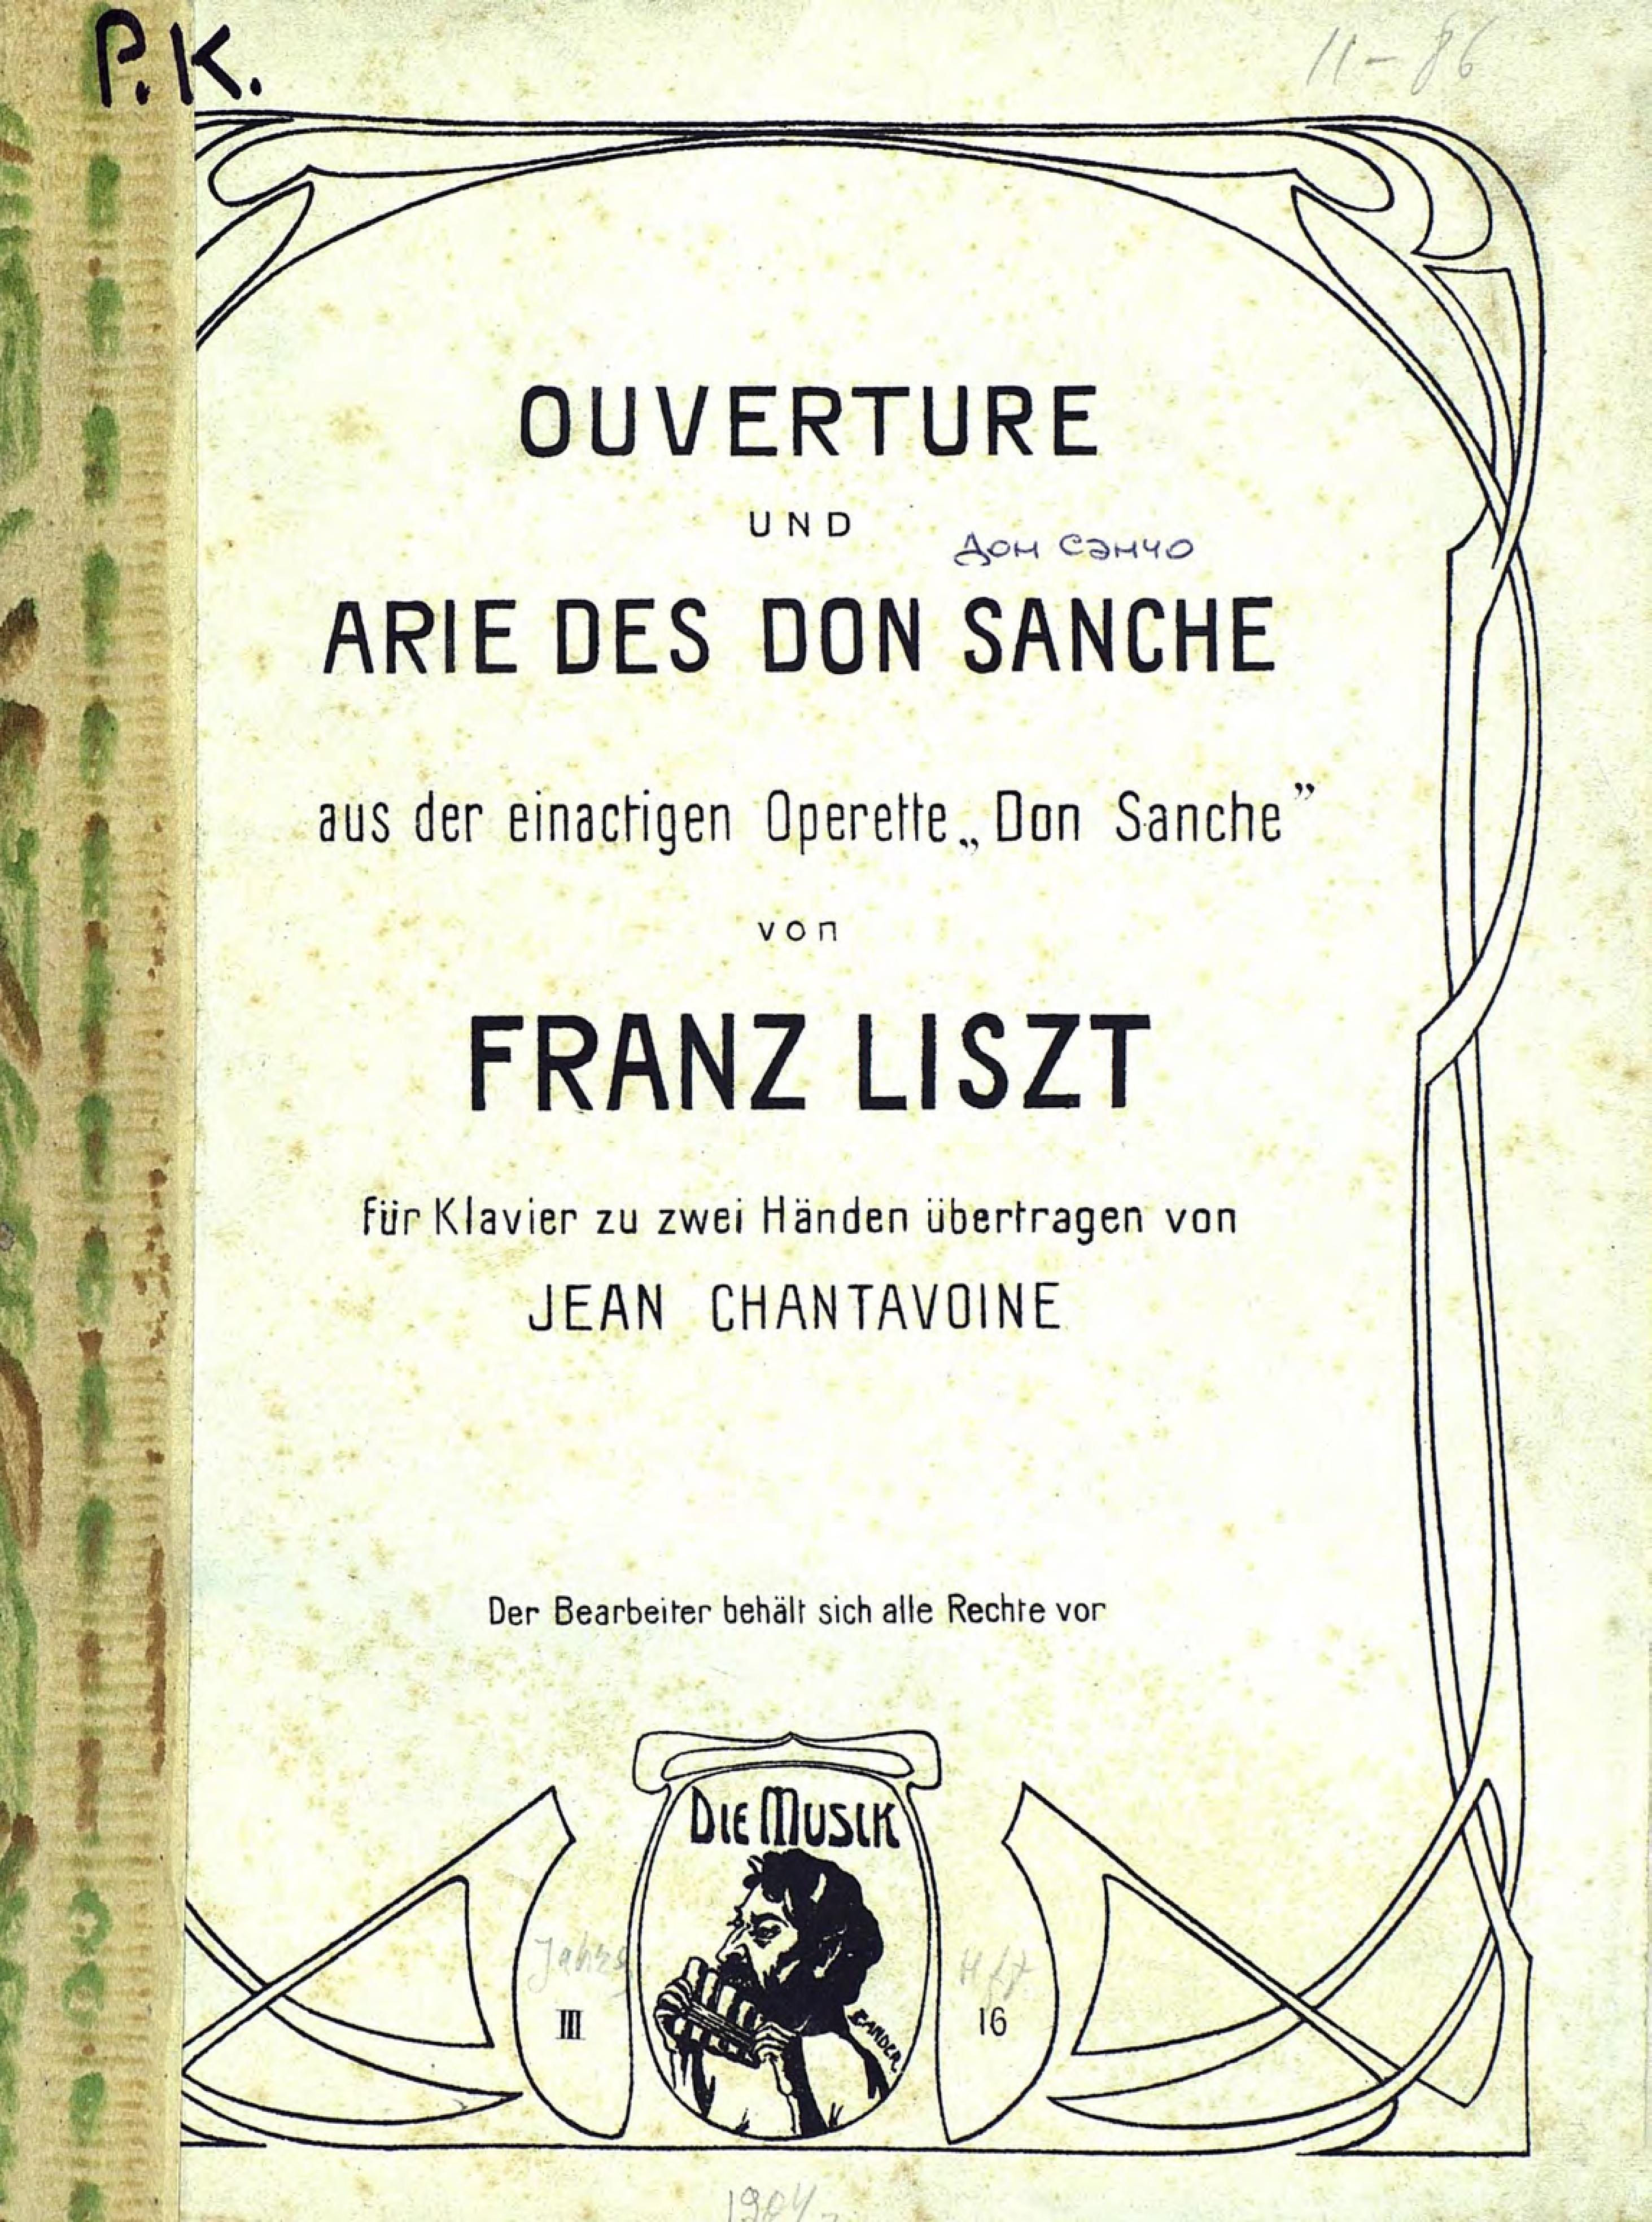 Ференц Лист Ouverture und Arie des don Sanche aus der einactigen Operette Don Sanche von F. Liszt w ostijn concert ouverture